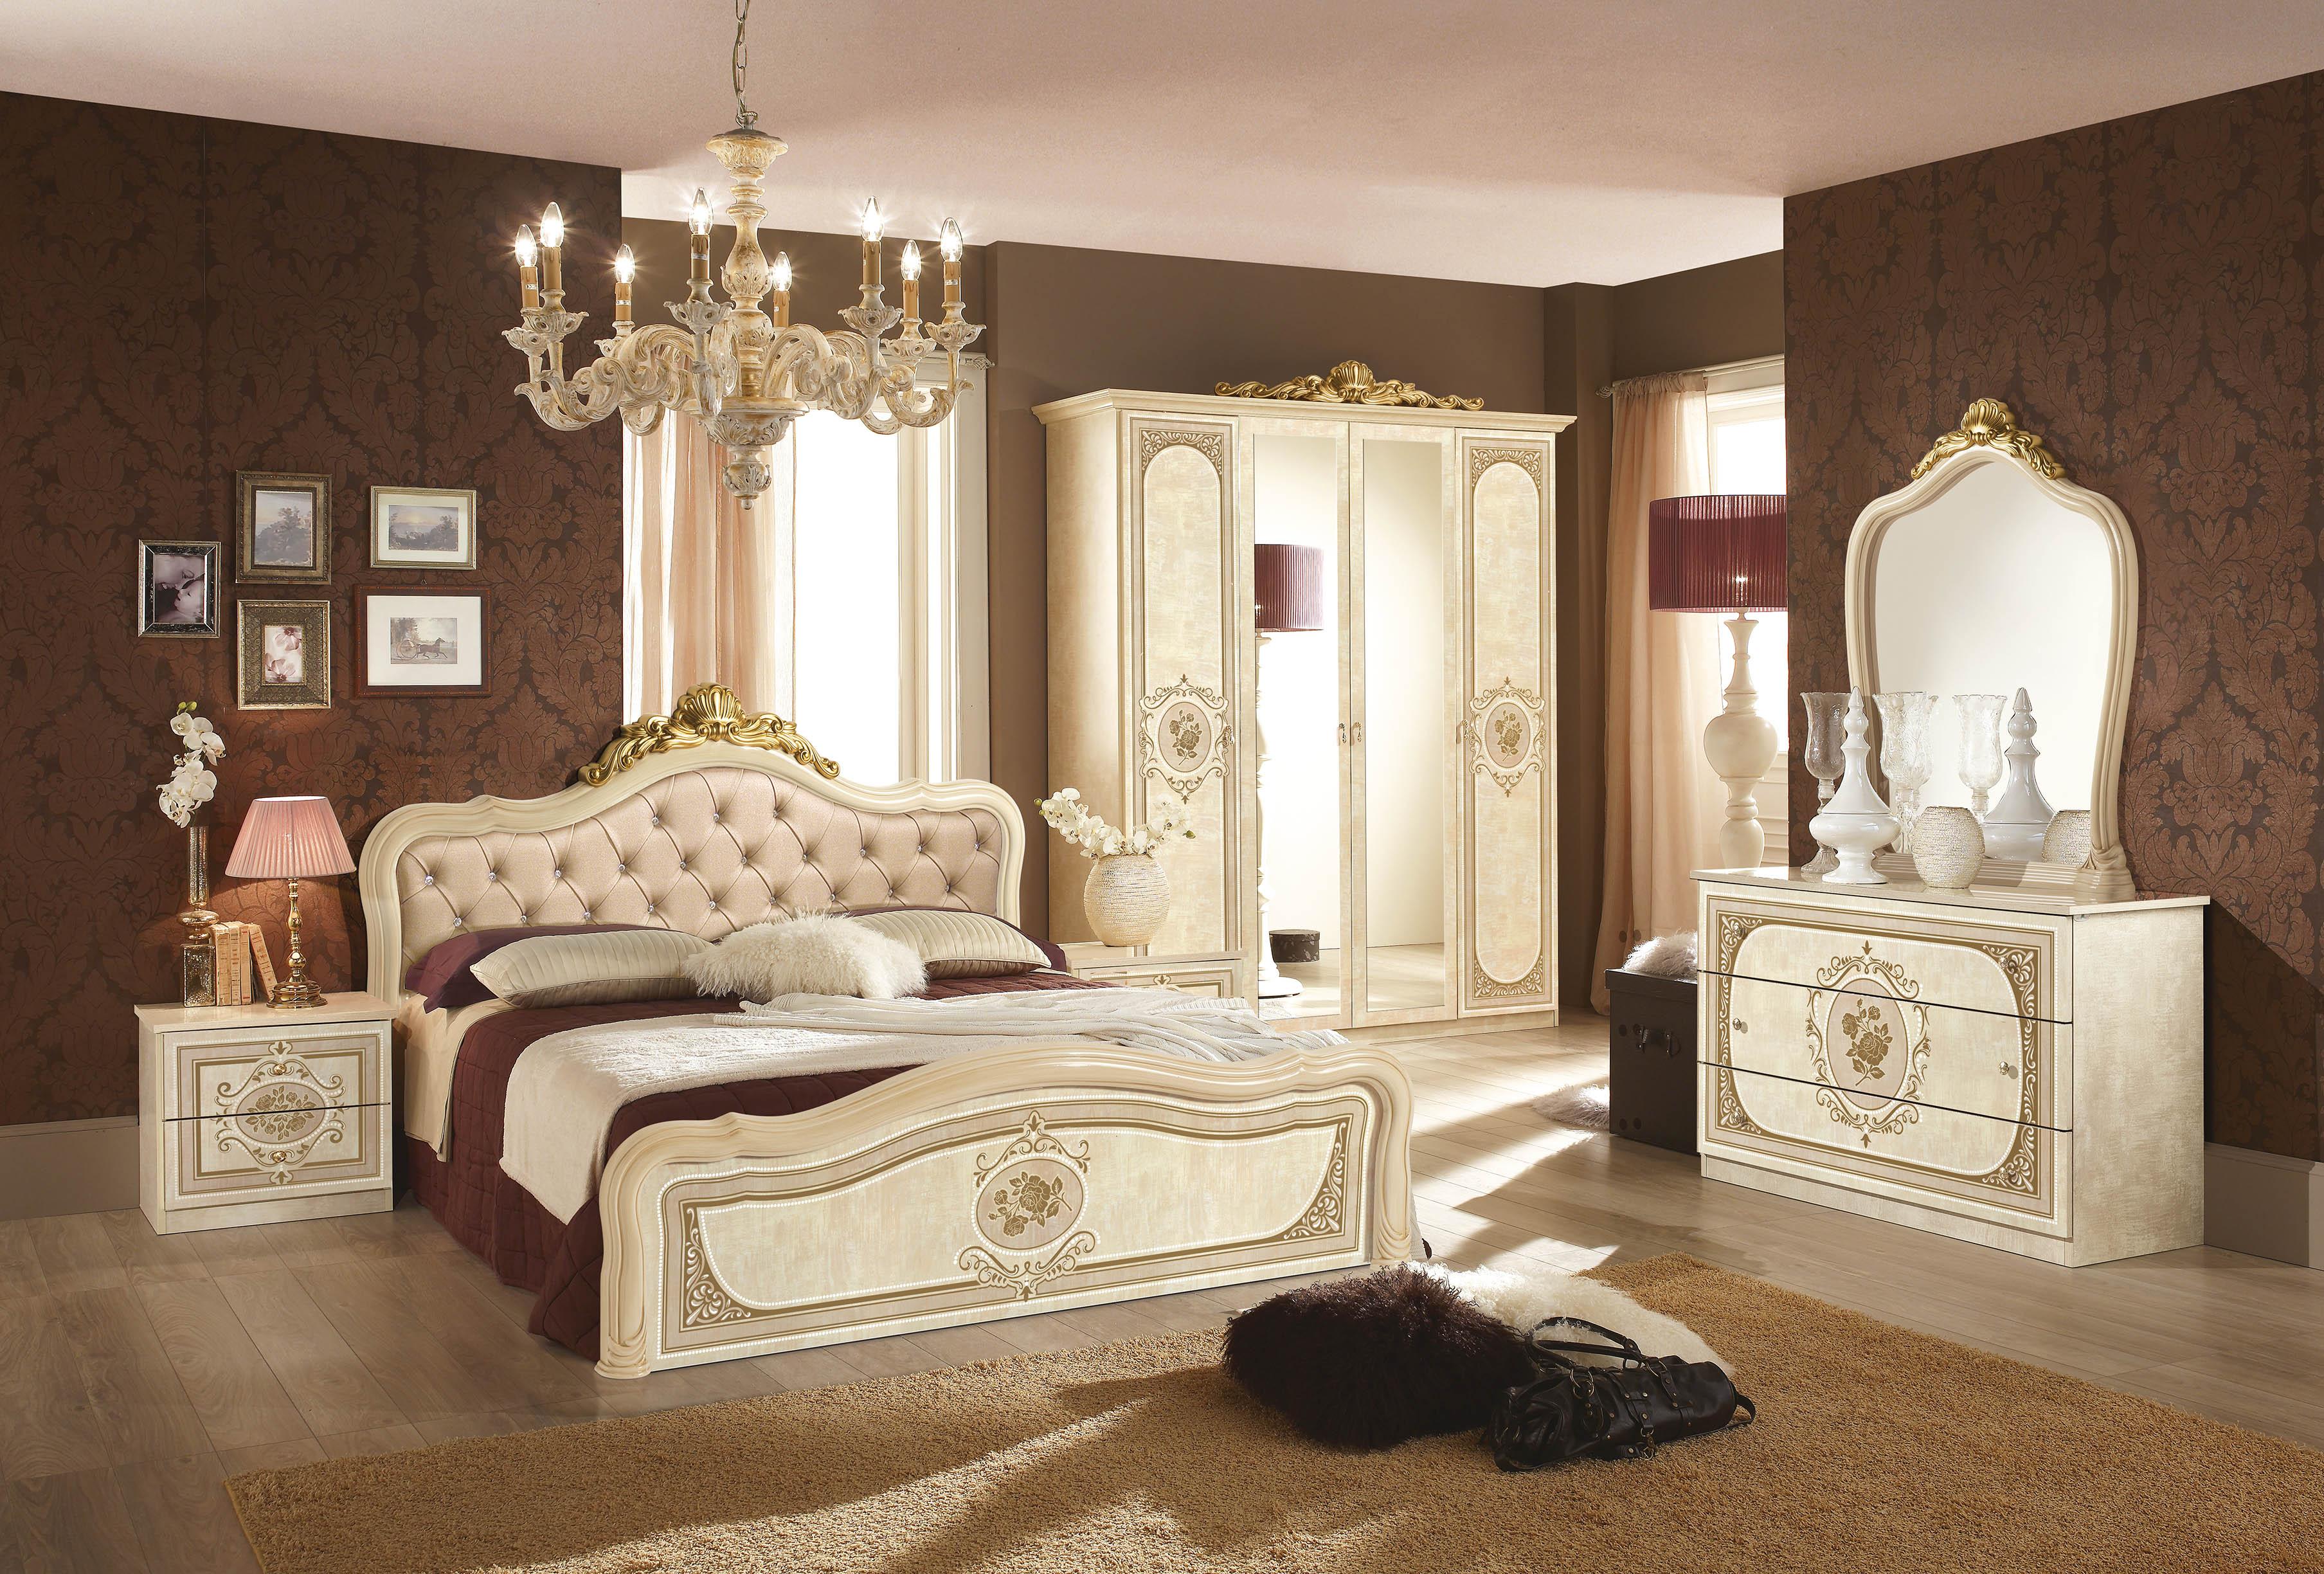 Nachtkonsole Alice in schwarz gold für Schlafzimmer-XP_PKALCCOD1BG